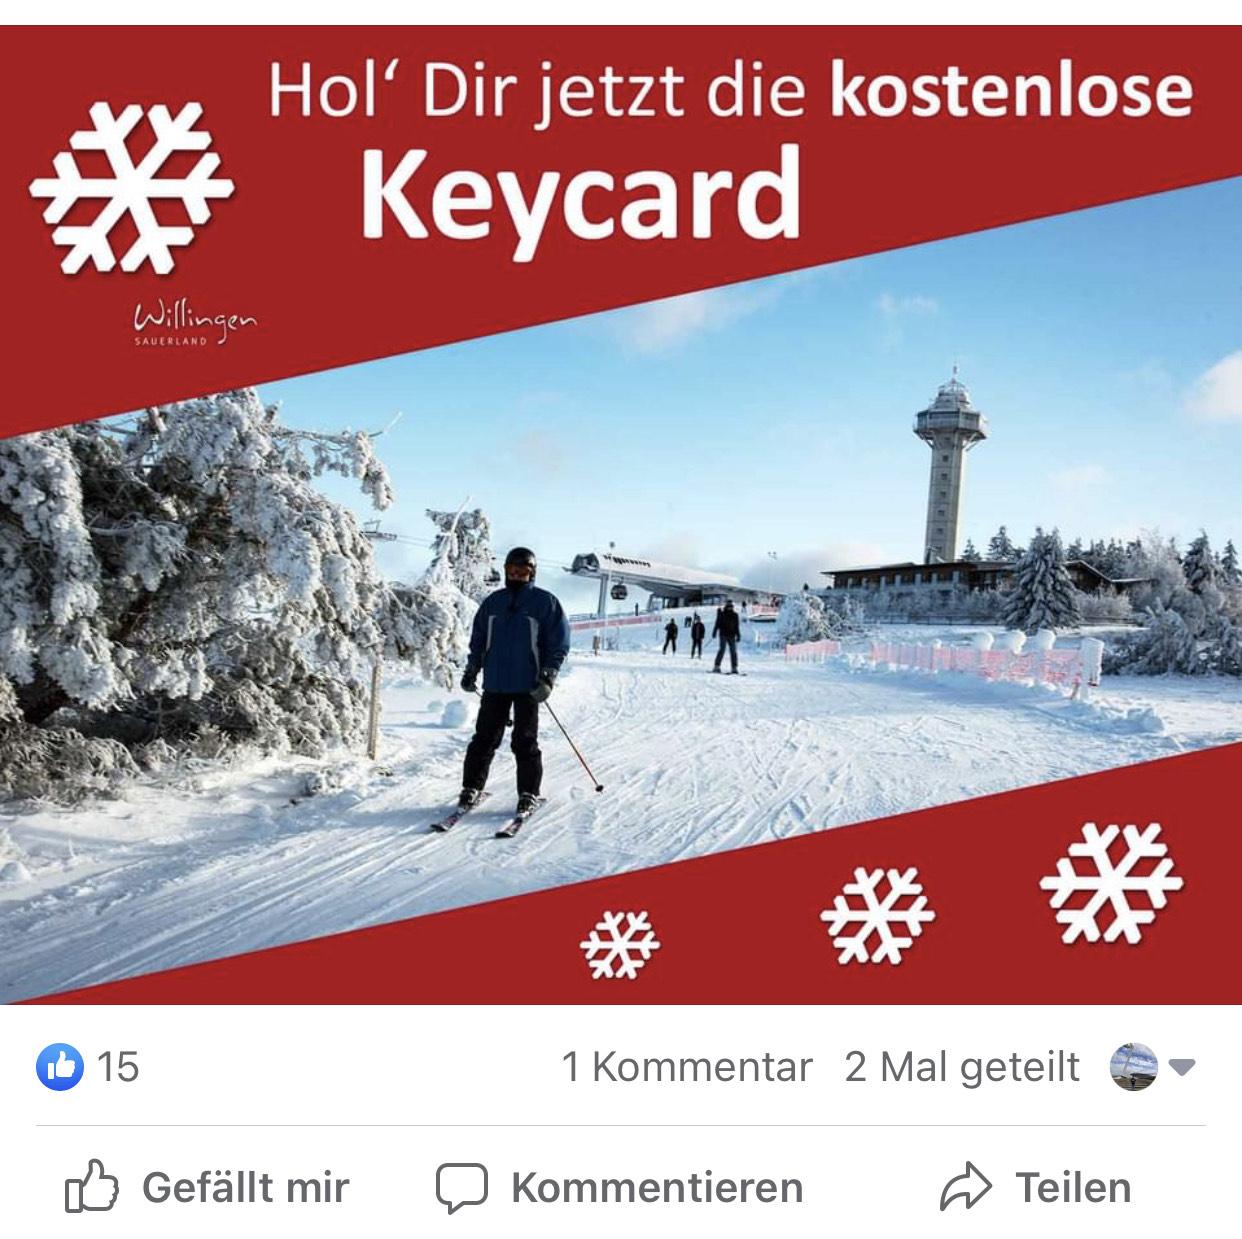 Gratis Starjack Keycard für 75 Skigebiete nutzbar (5 Jahre gültig!)